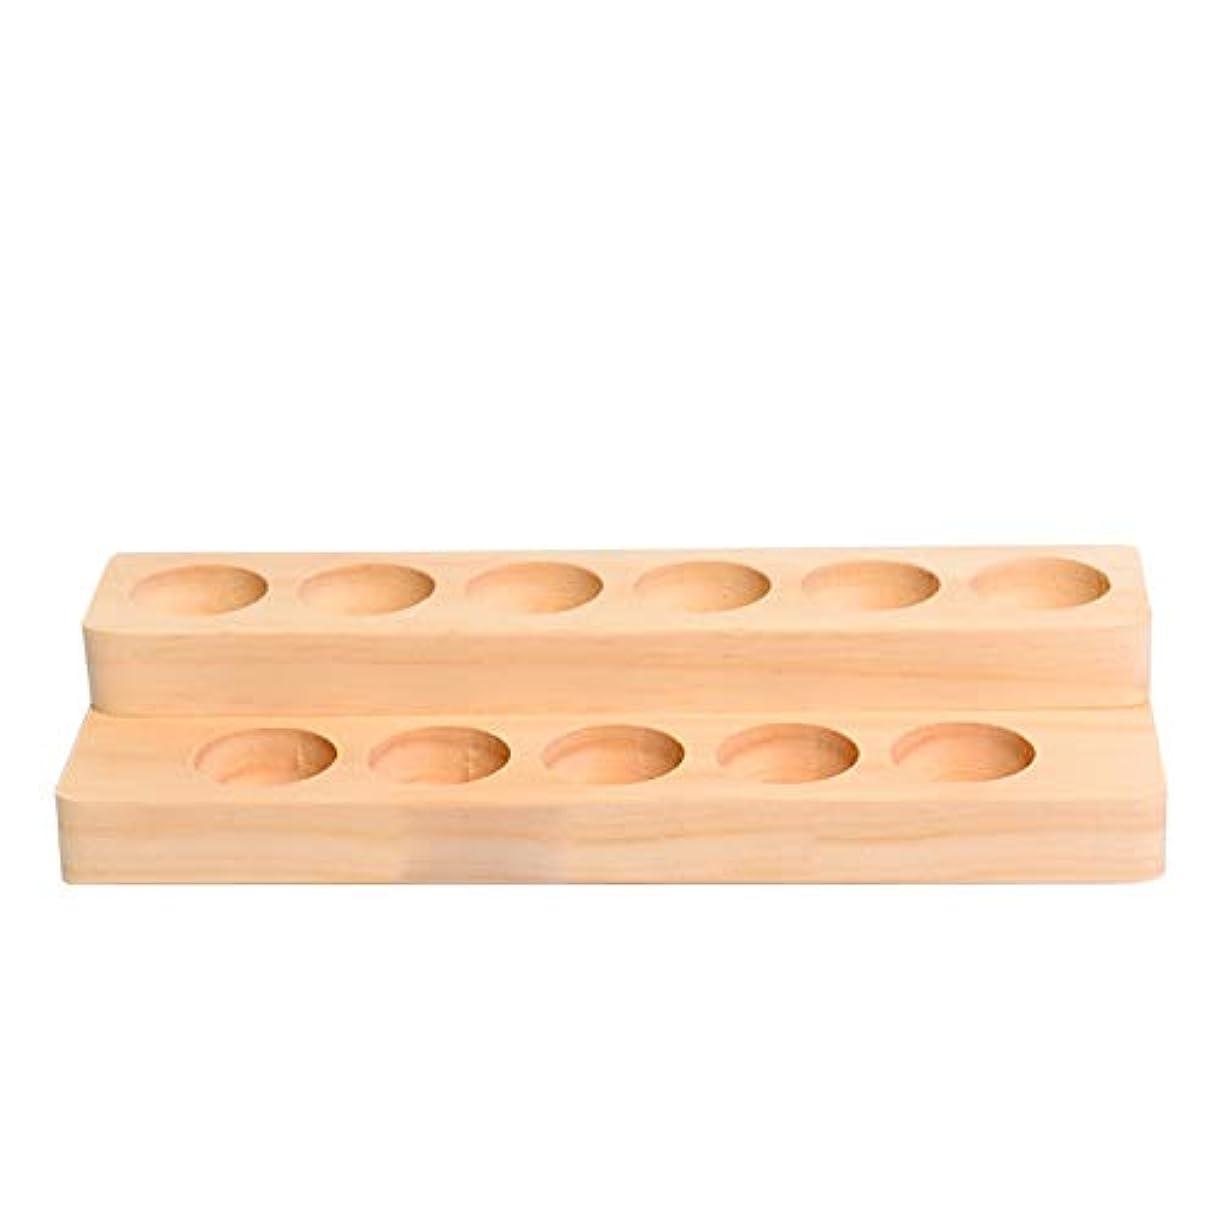 心理的盲信カバーエッセンシャルオイルの保管 11スロット木製エッセンシャルオイルストレージホルダーは、11の油が完璧なエッセンシャルオイルケースボトル開催します (色 : Natural, サイズ : 22X8.5X4CM)